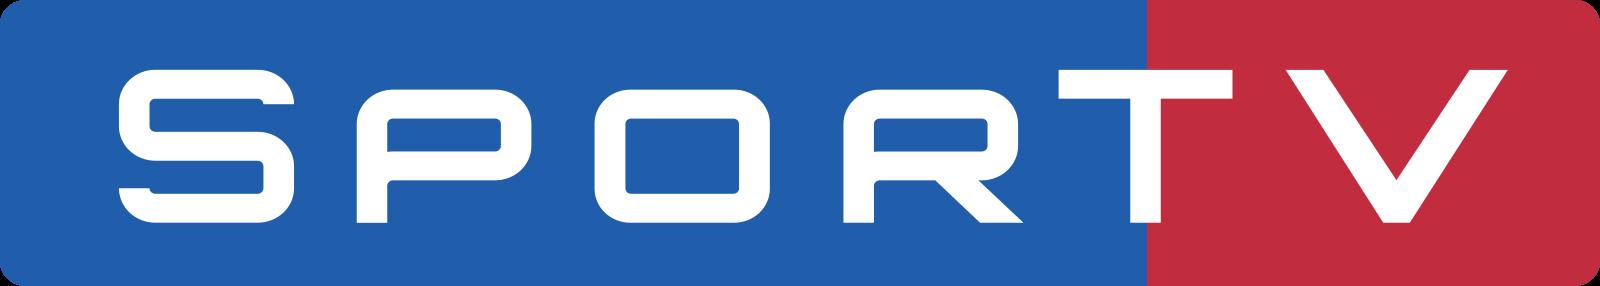 sportv logo 2 - SporTV Logo